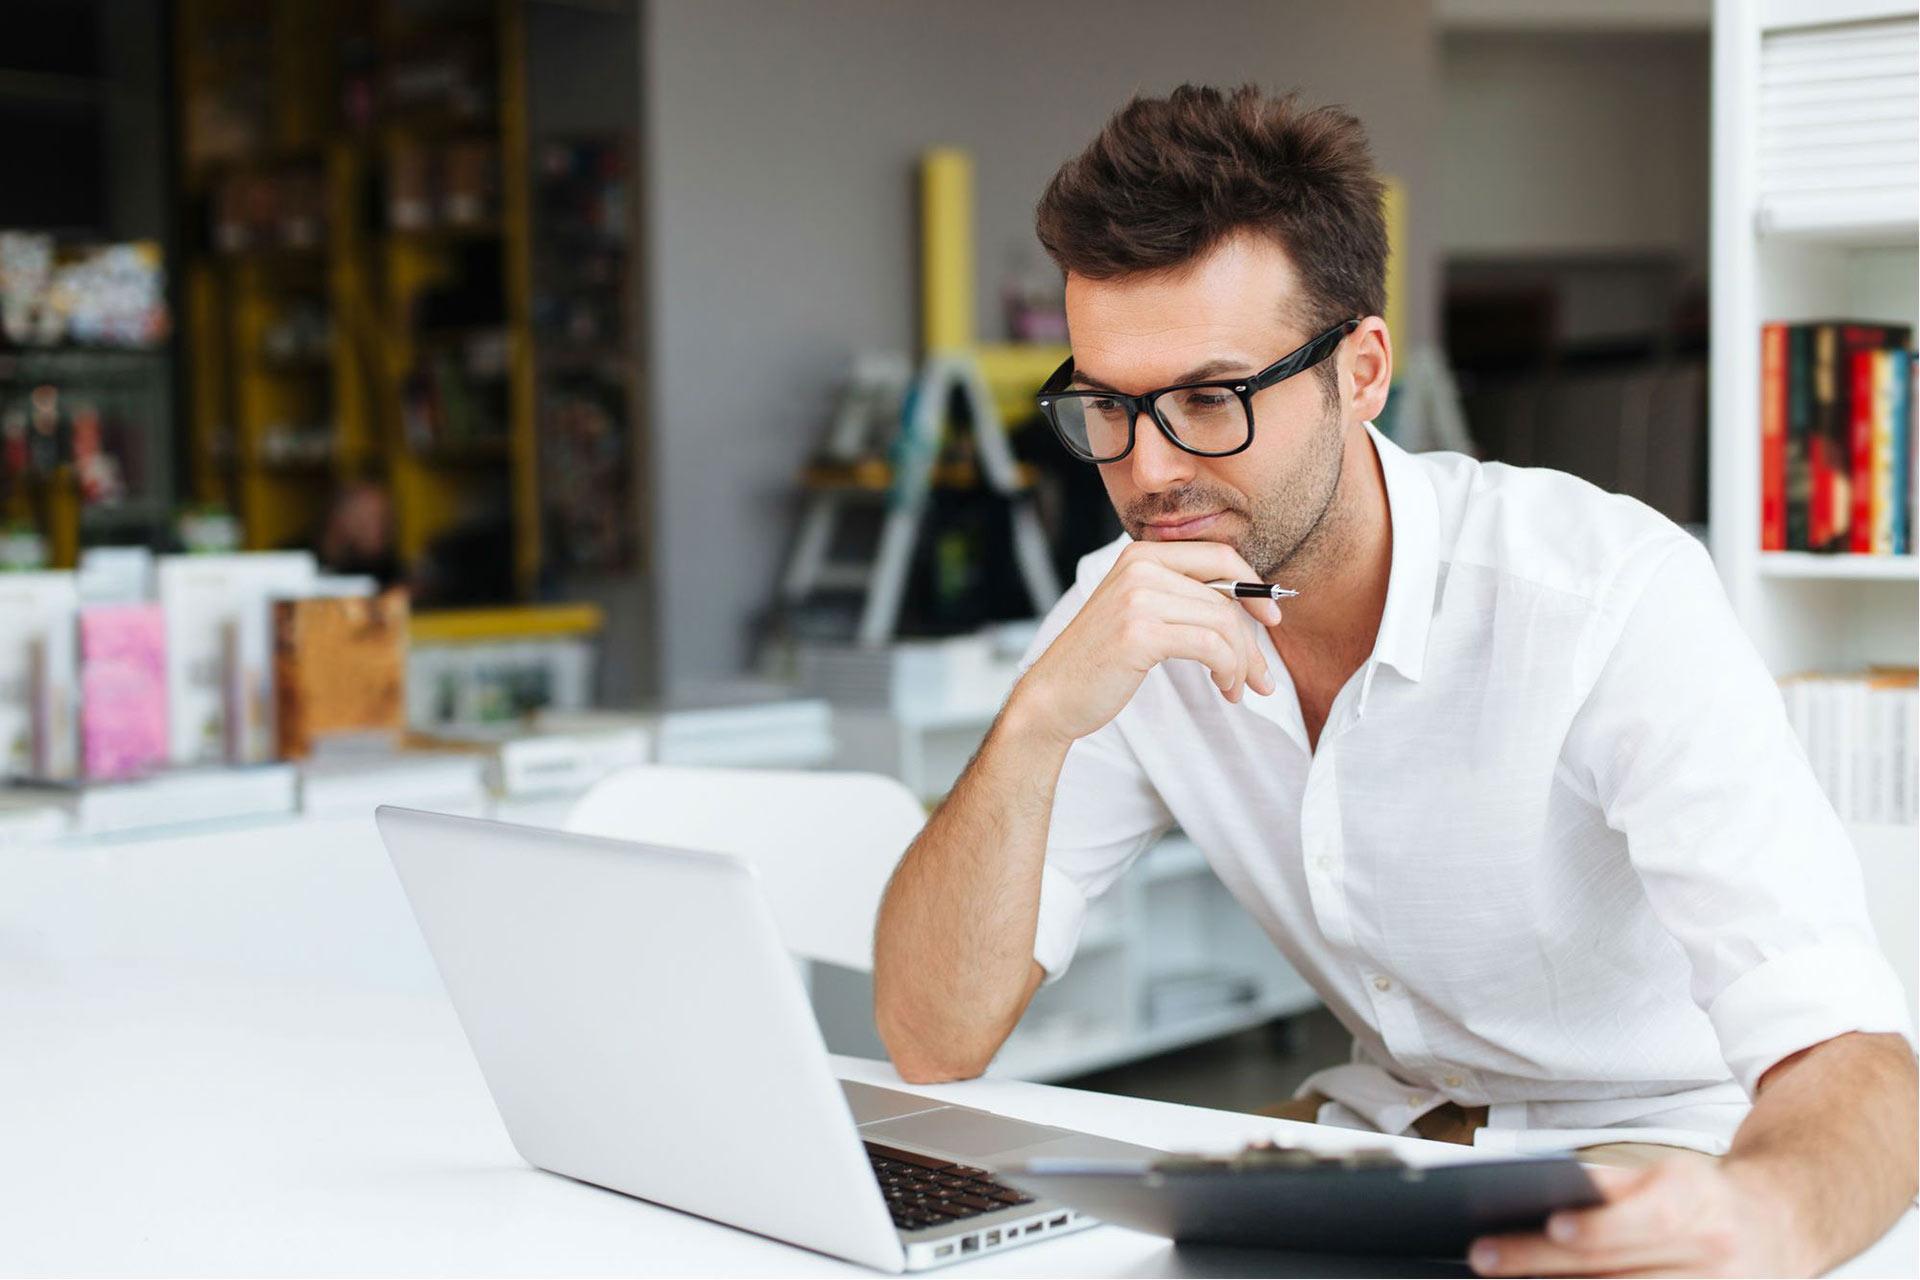 Бесплатный вебинар: Я не Блогер: как построить персональный бренд владельцу бизнеса и не утонуть в соцсетях